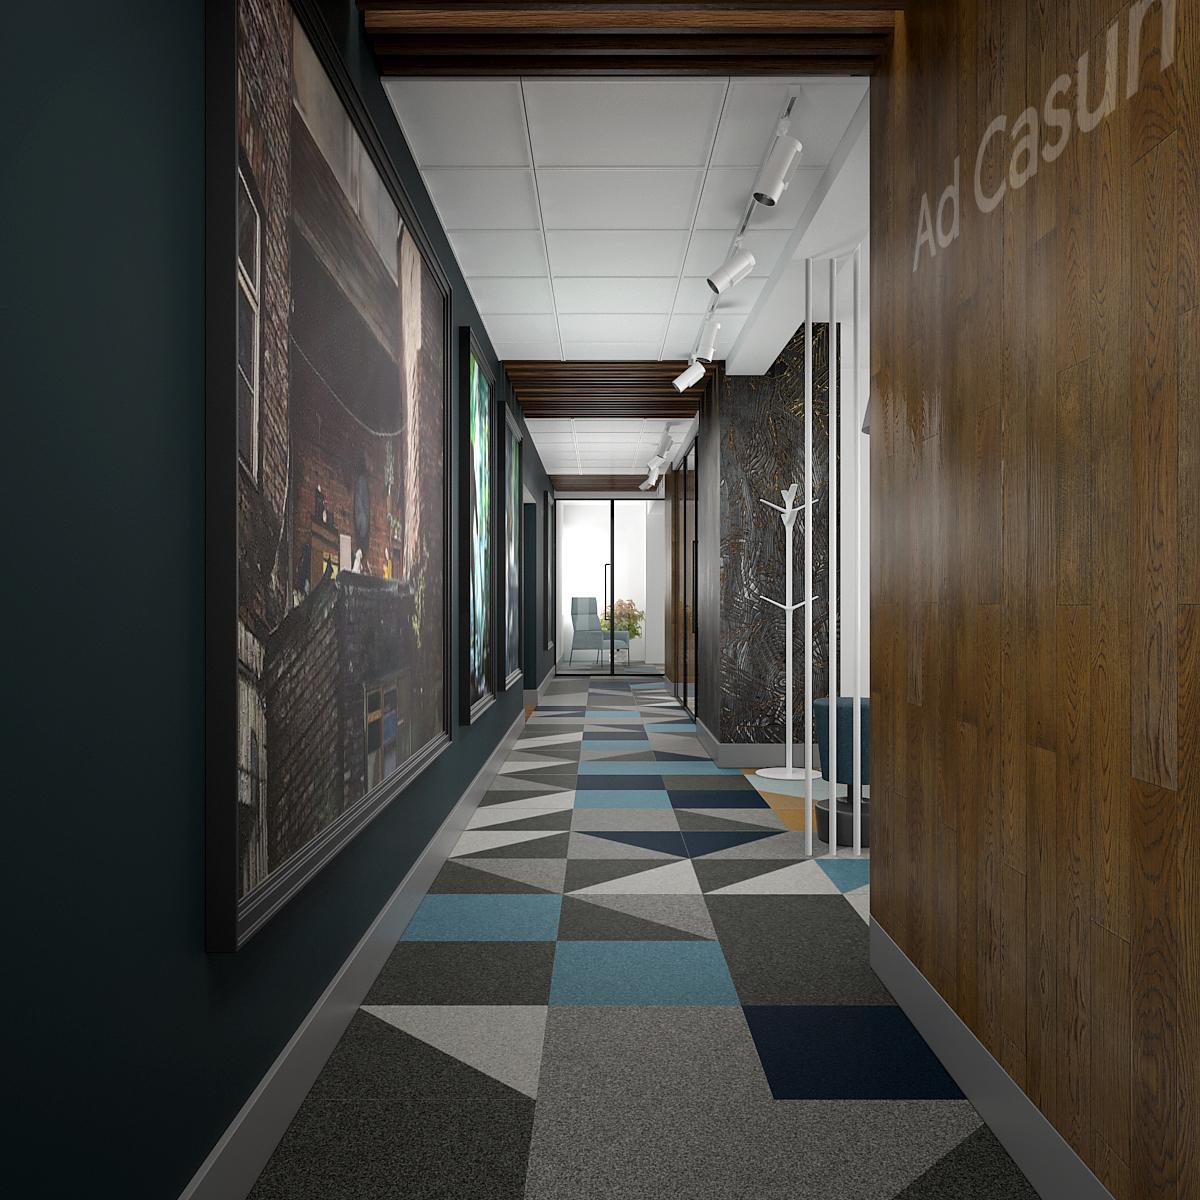 6 projekt biura 547 Kancelaria warszawa korytarz wykladzina w geometryczne wzory plyta meblowa na scianie czarna sciana z duzymi obrazami